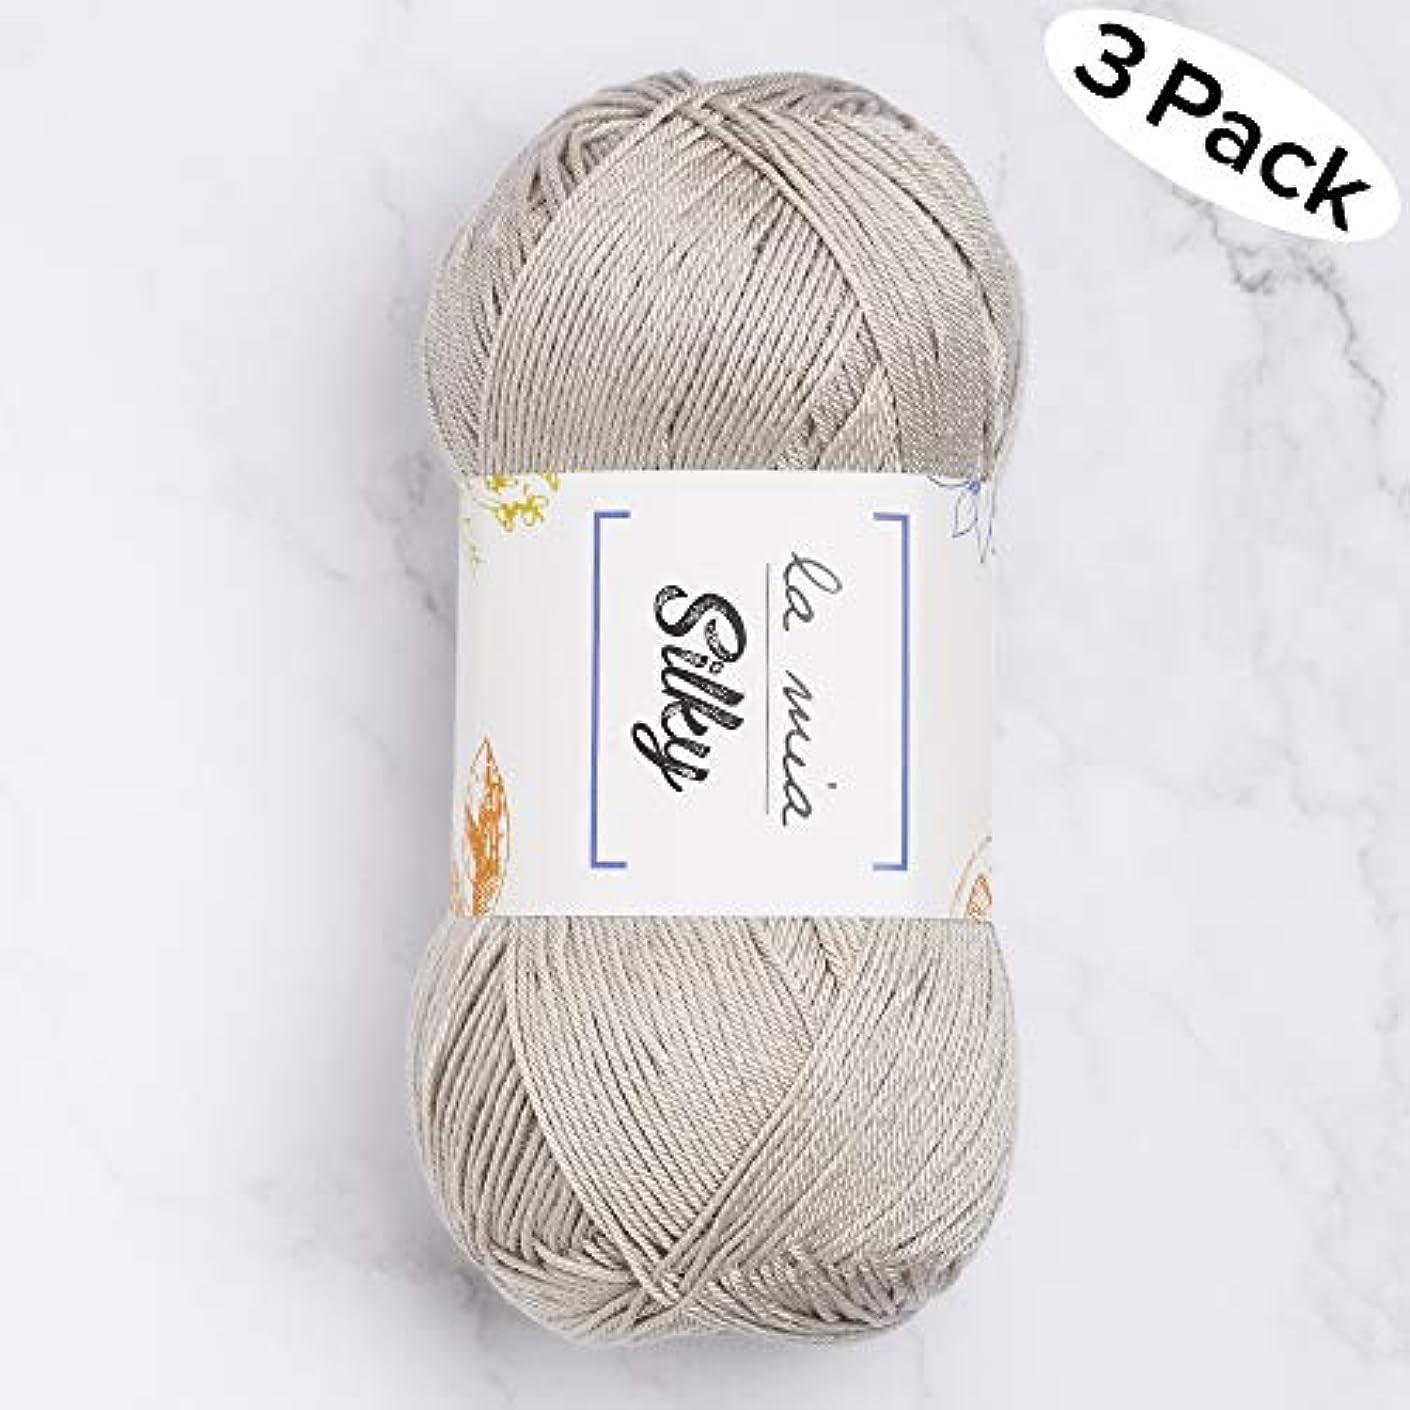 3 Skein La Mia Silky%100 Microfiber Acrylic, Total 10.5 oz Each 3.52 oz (110g) / 328 Yrds (300m), Fine, Sport, Baby Yarn, Grey - L009